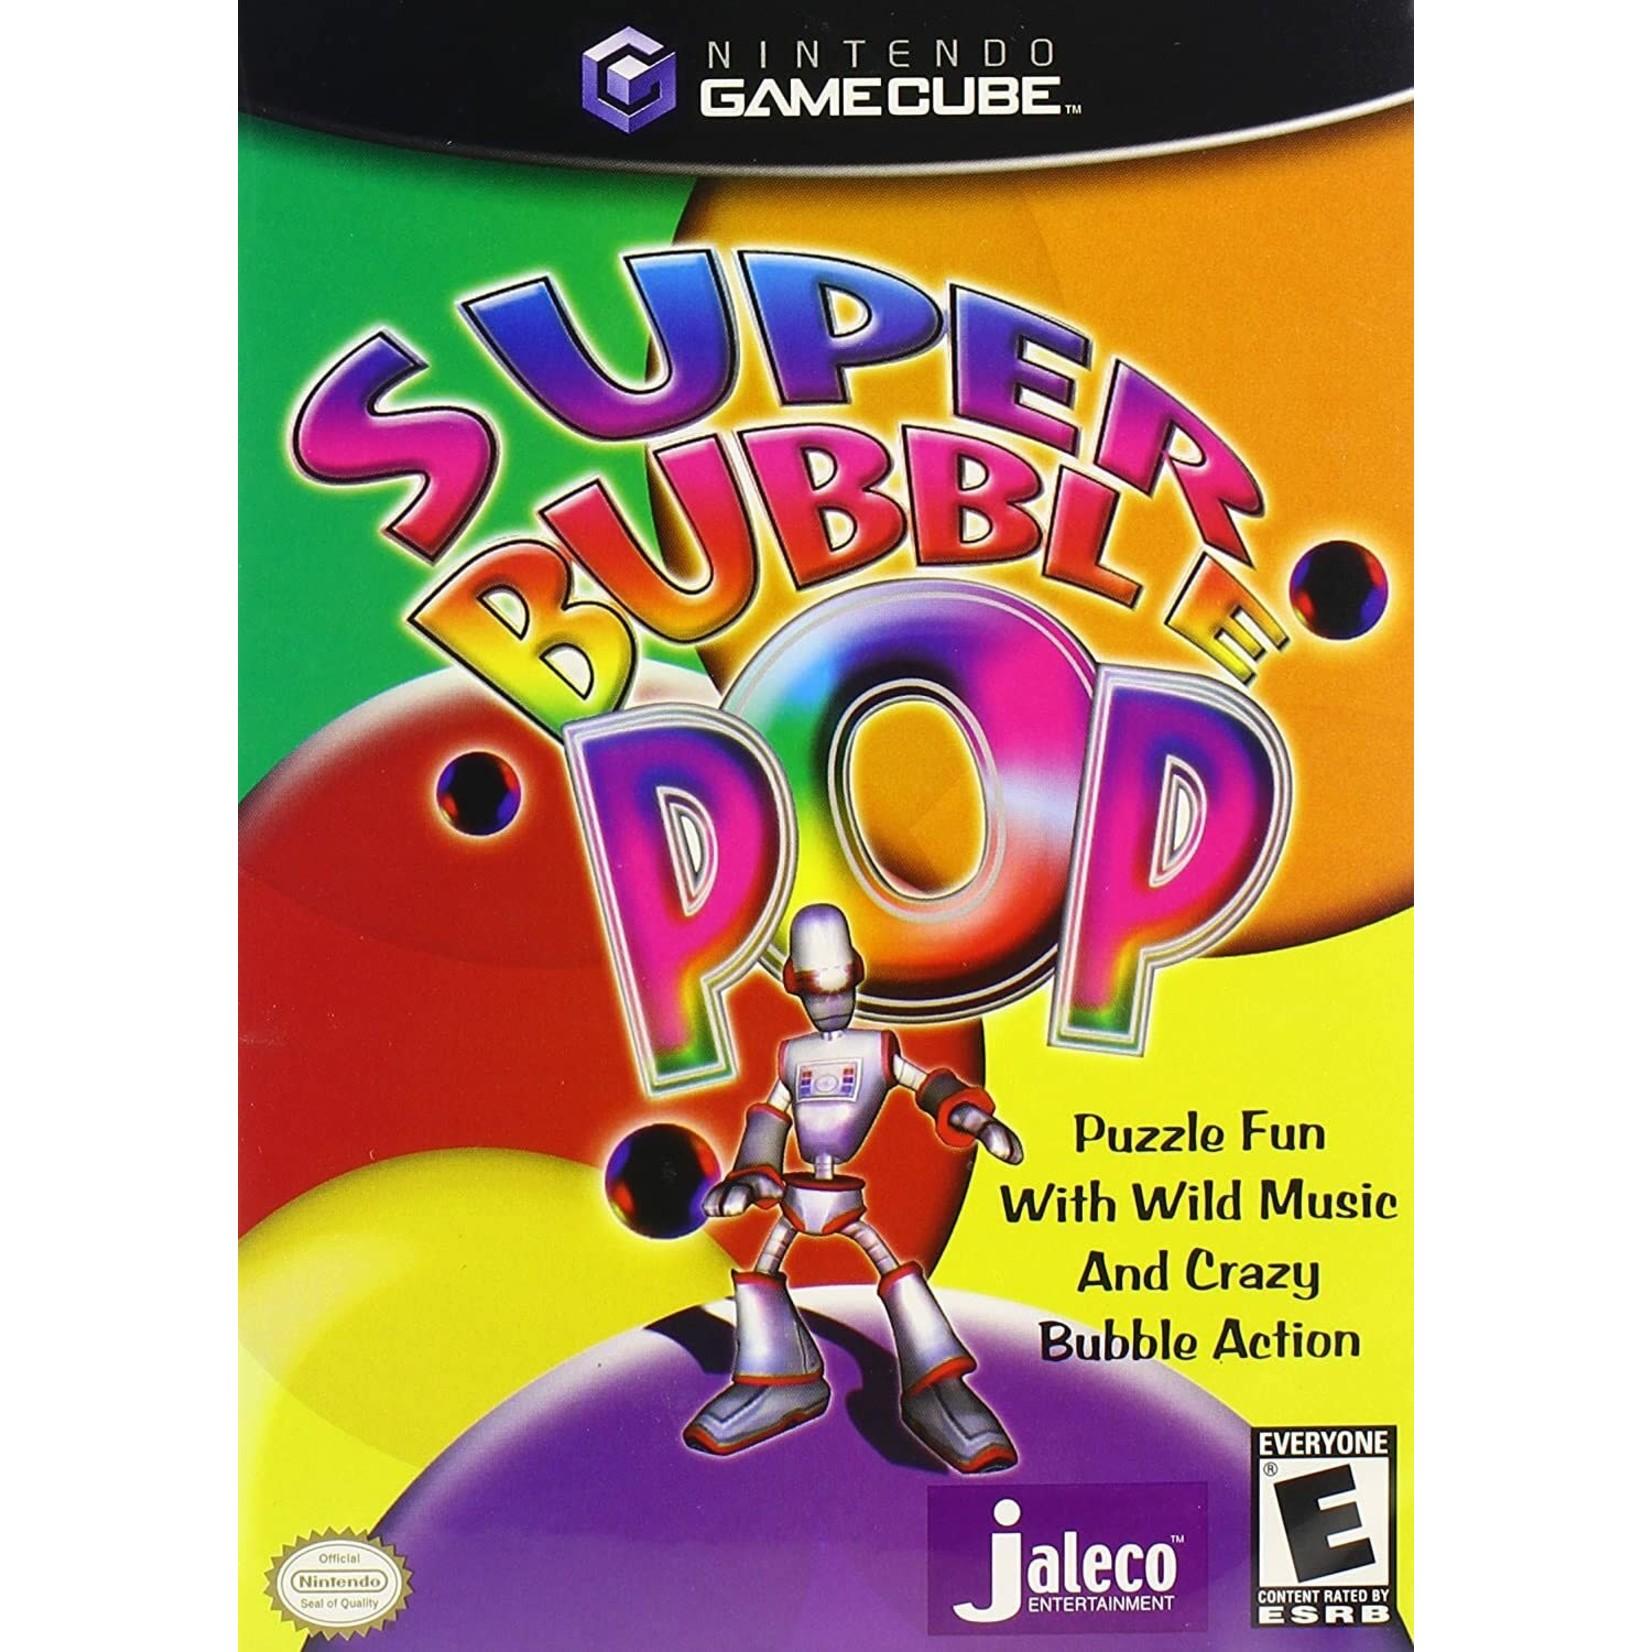 gcu-Super Bubble Pop